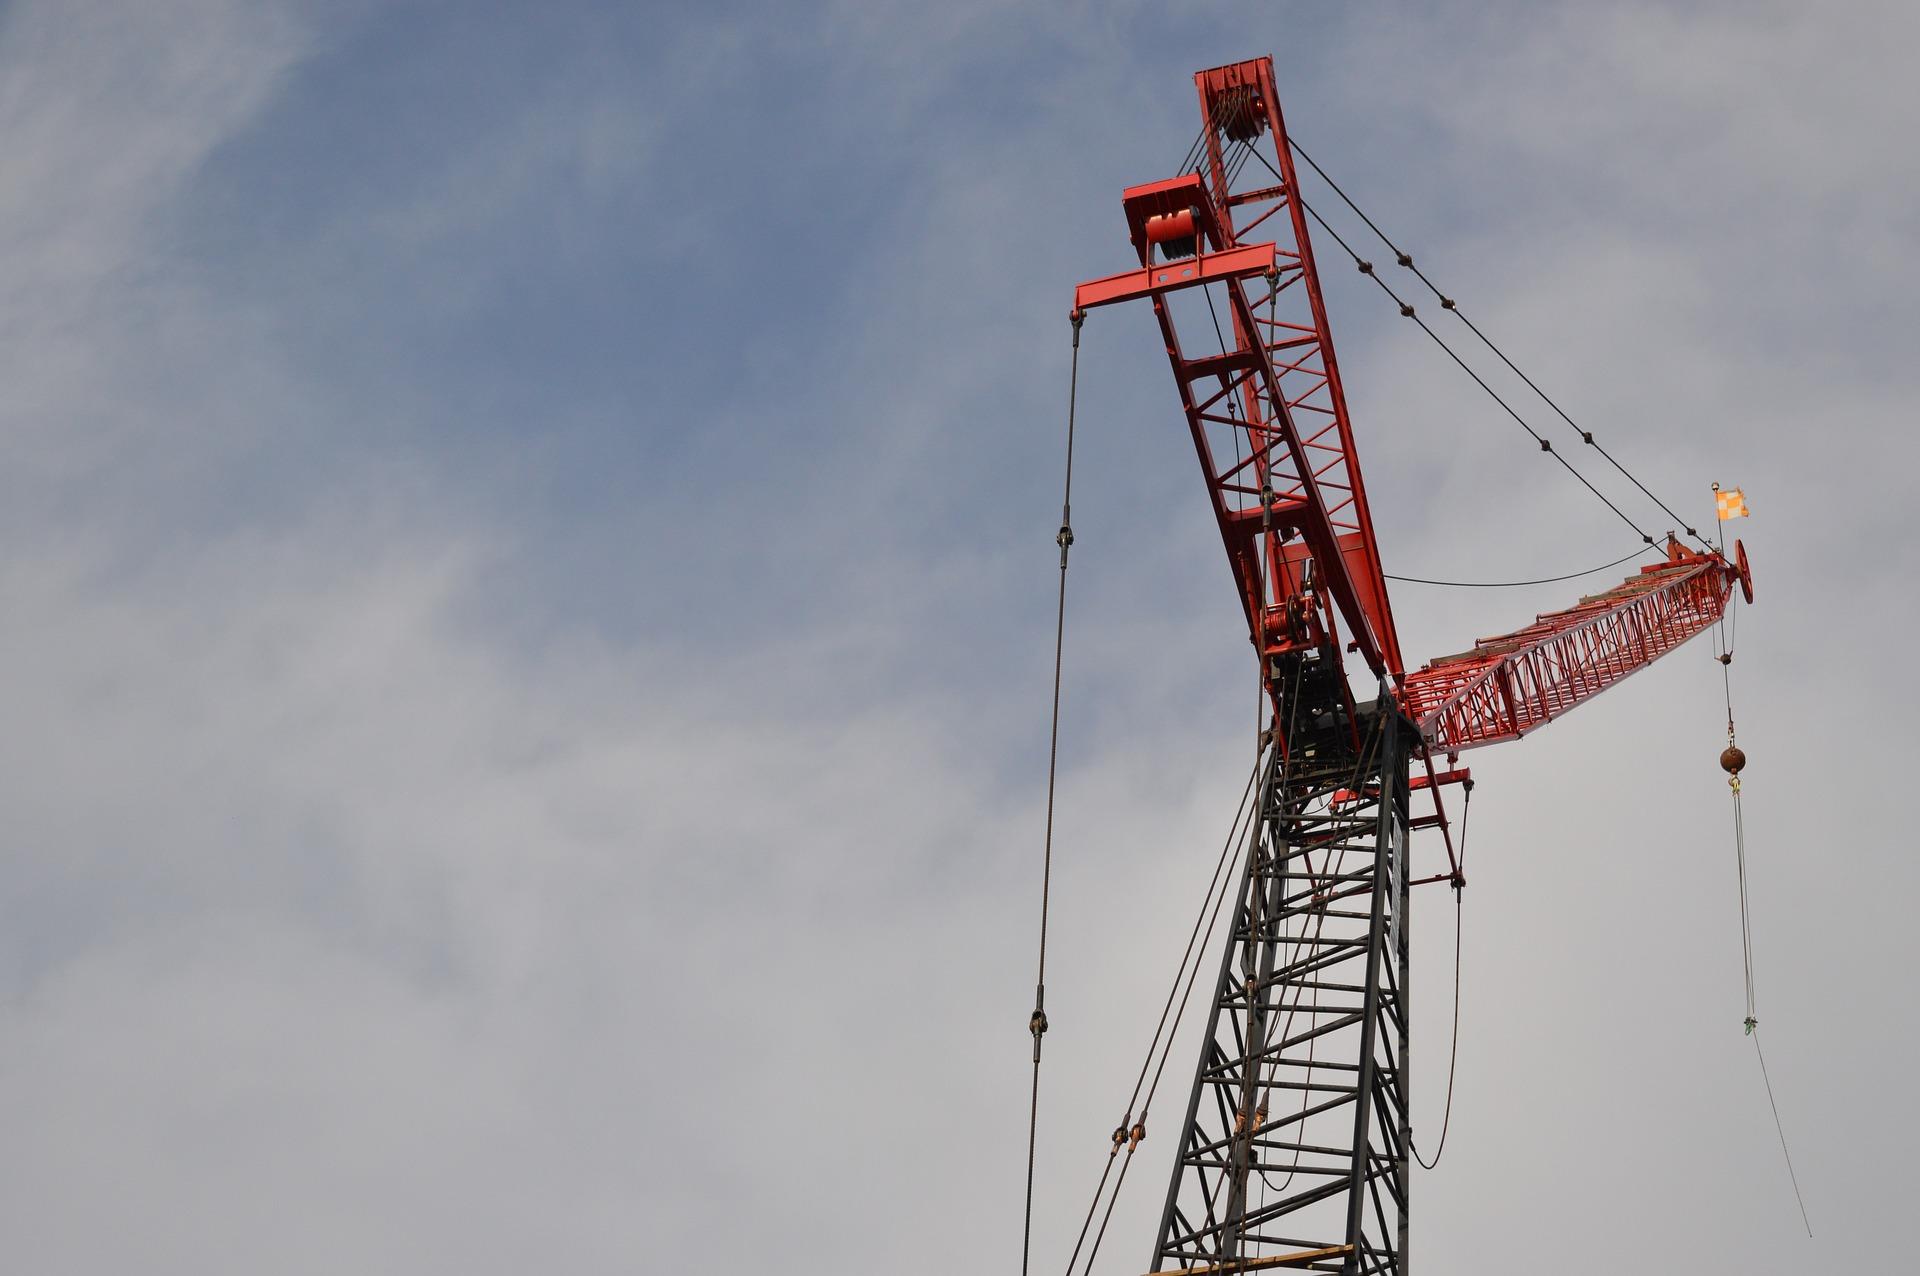 Les derniers chiffres de la construction de logements confirment une embellie pour le secteur apercu